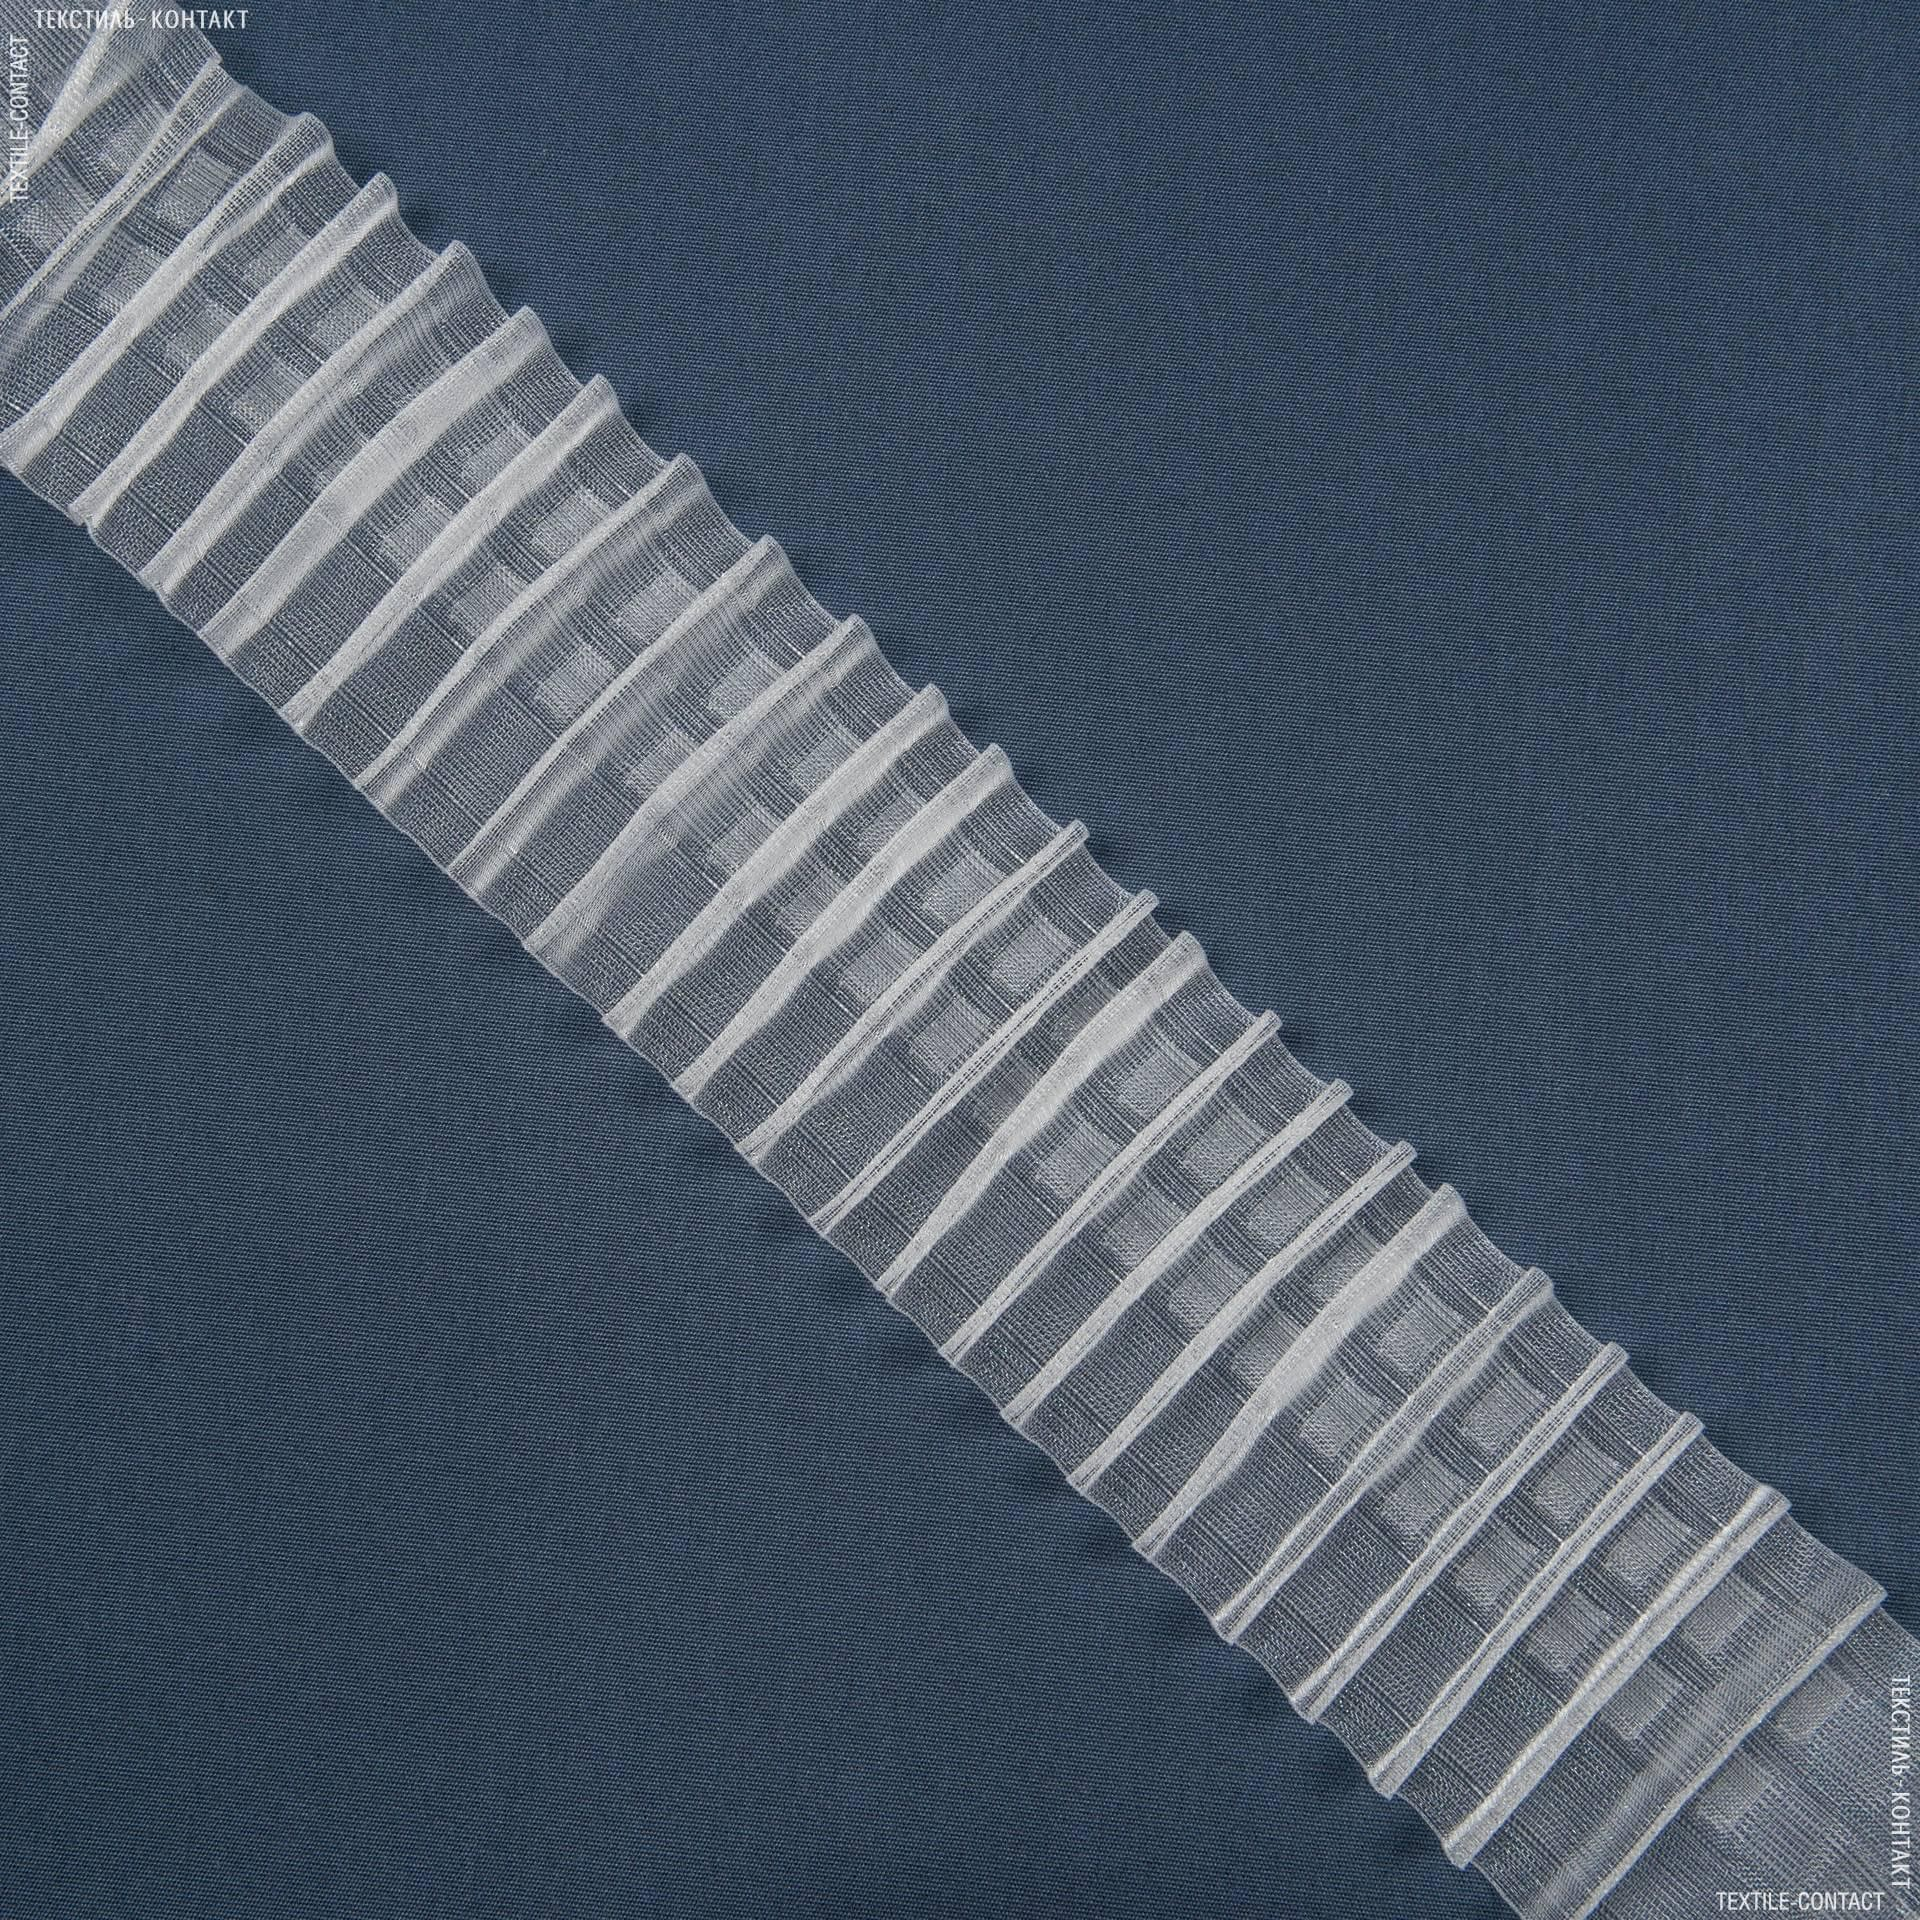 Тканини фурнітура для дома - Тасьма шторна прозора рівномірна  1:2.5 80мм±0.5мм  прозора  рівномірна